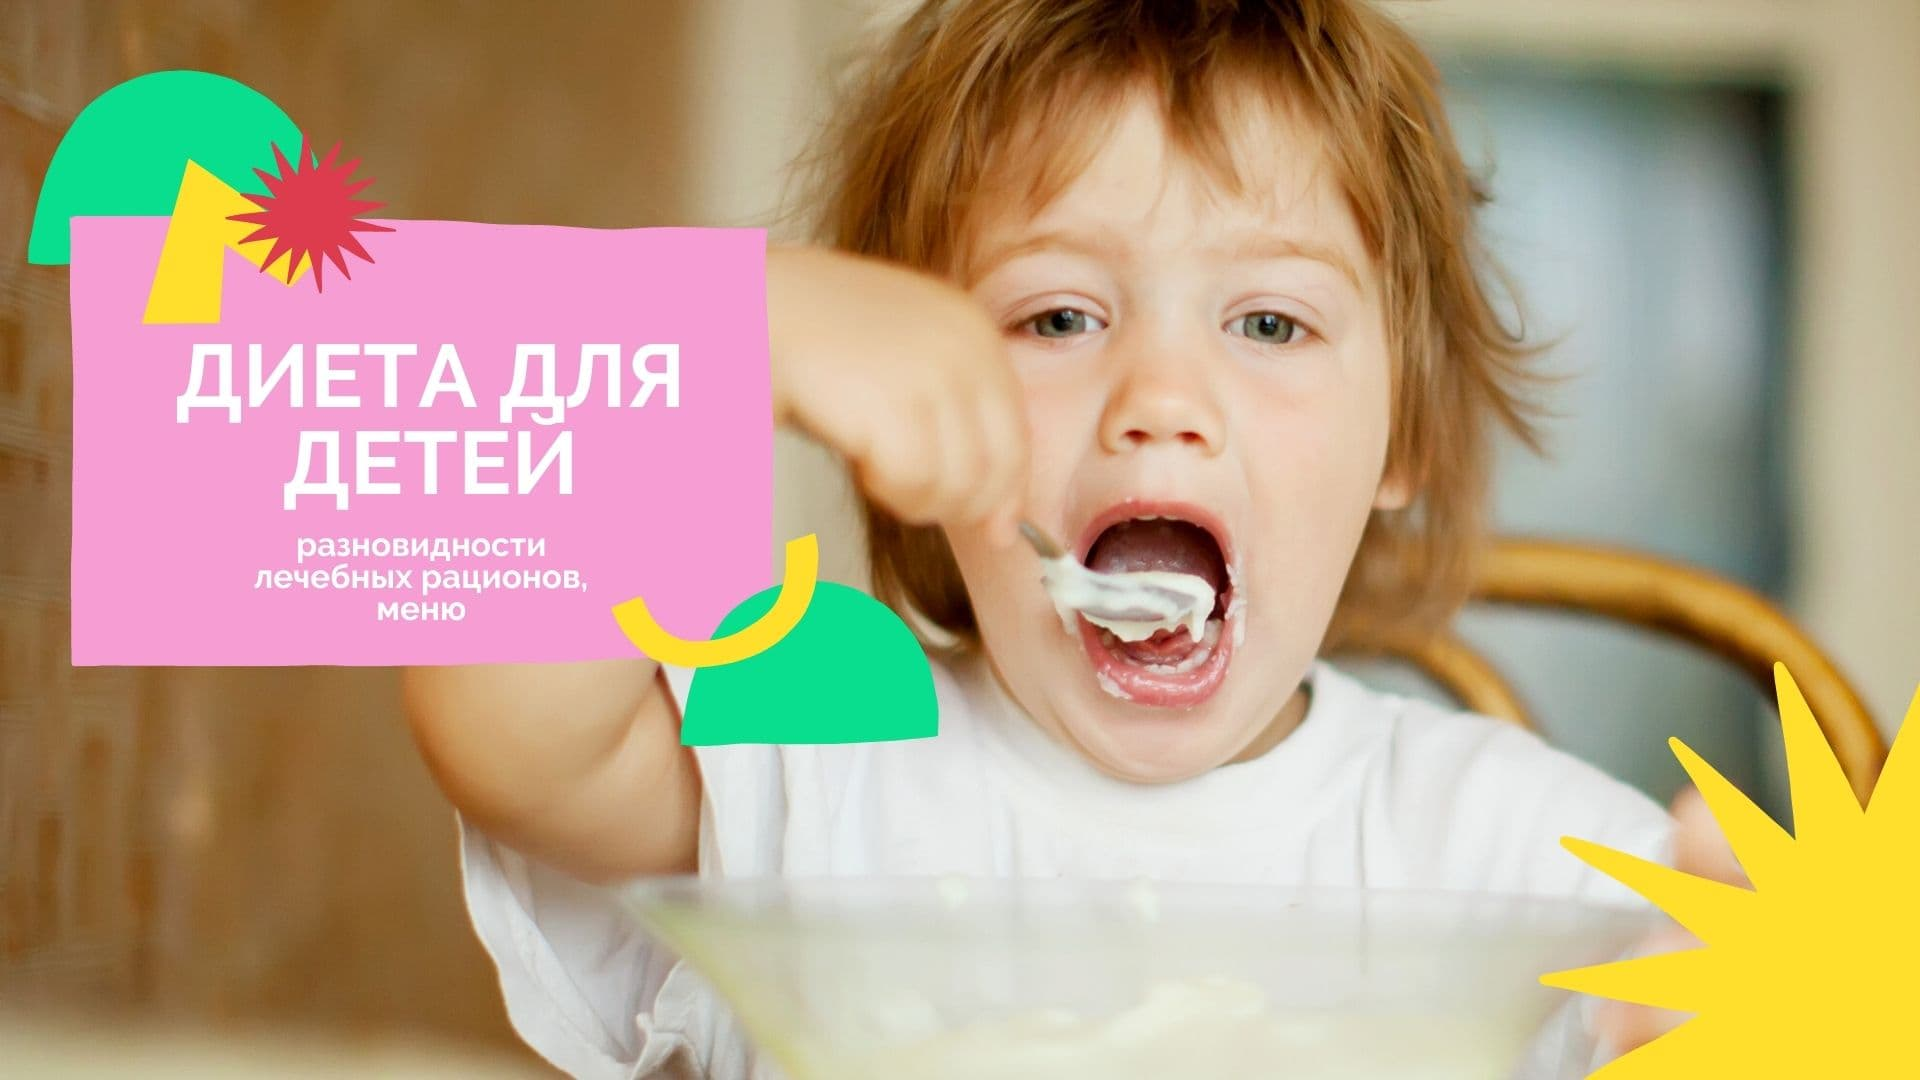 Диета для детей: разновидности лечебных рационов, меню